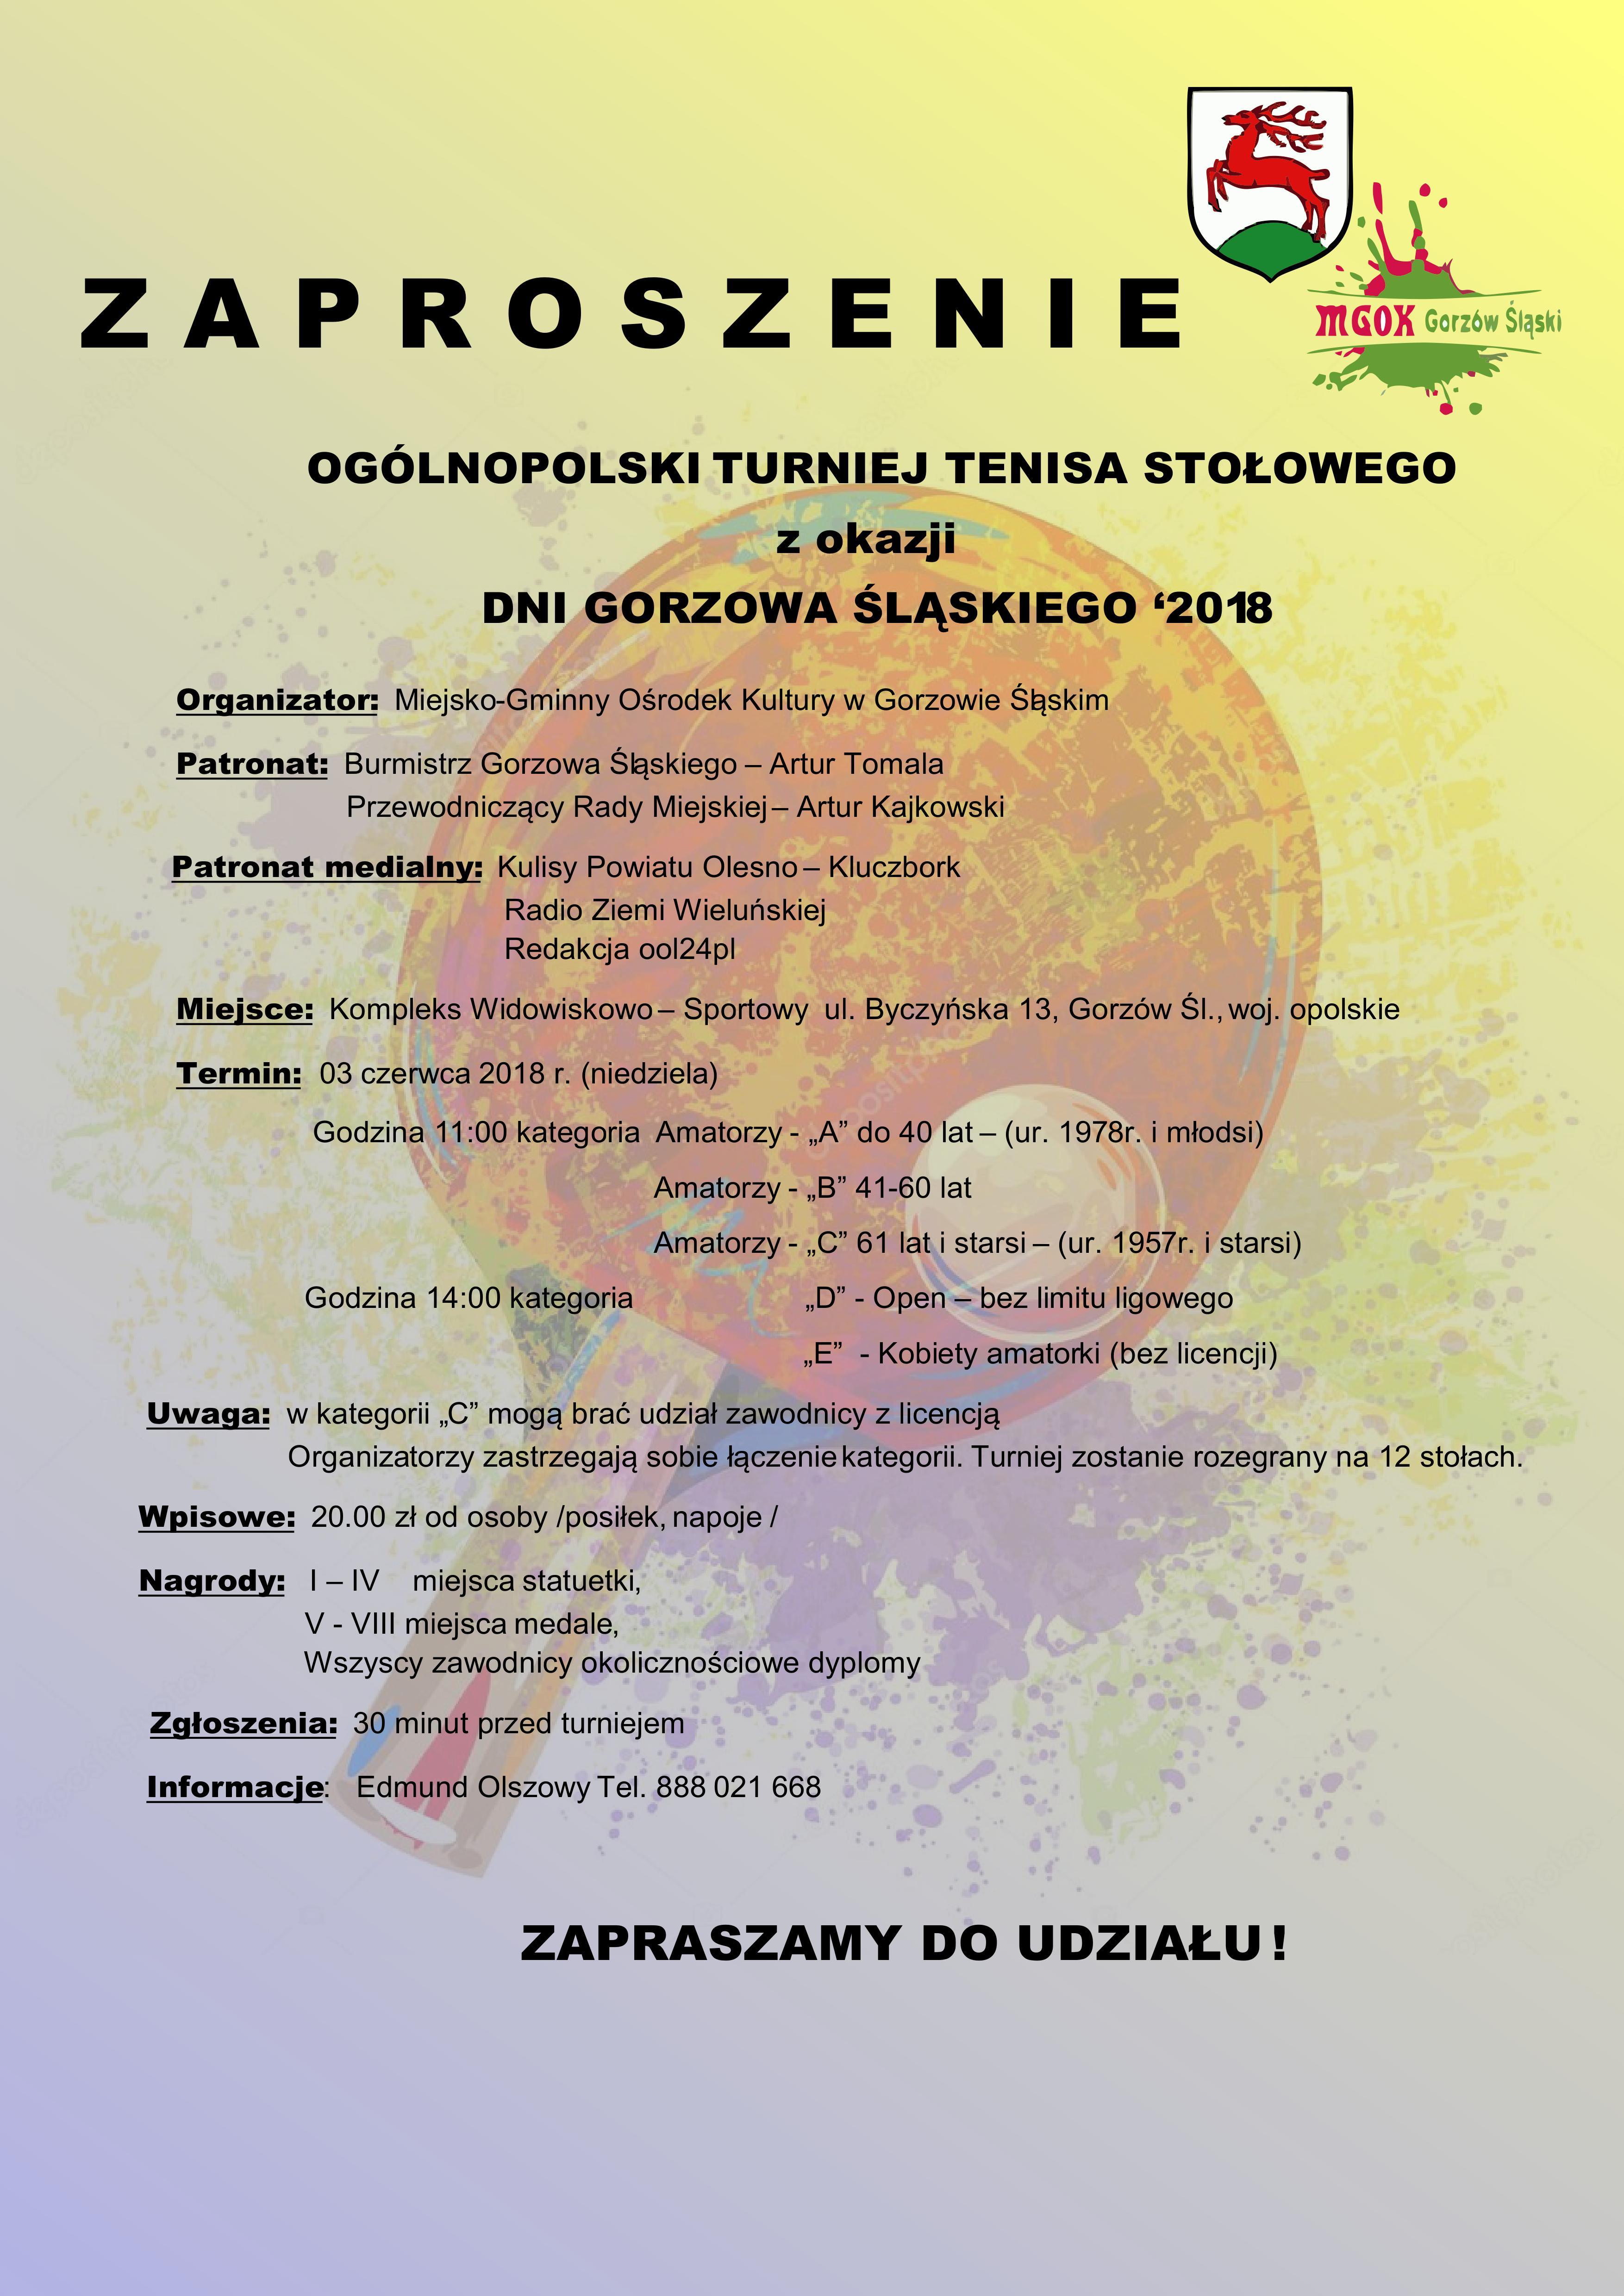 turniej_z_okazji_dni_gorzowa